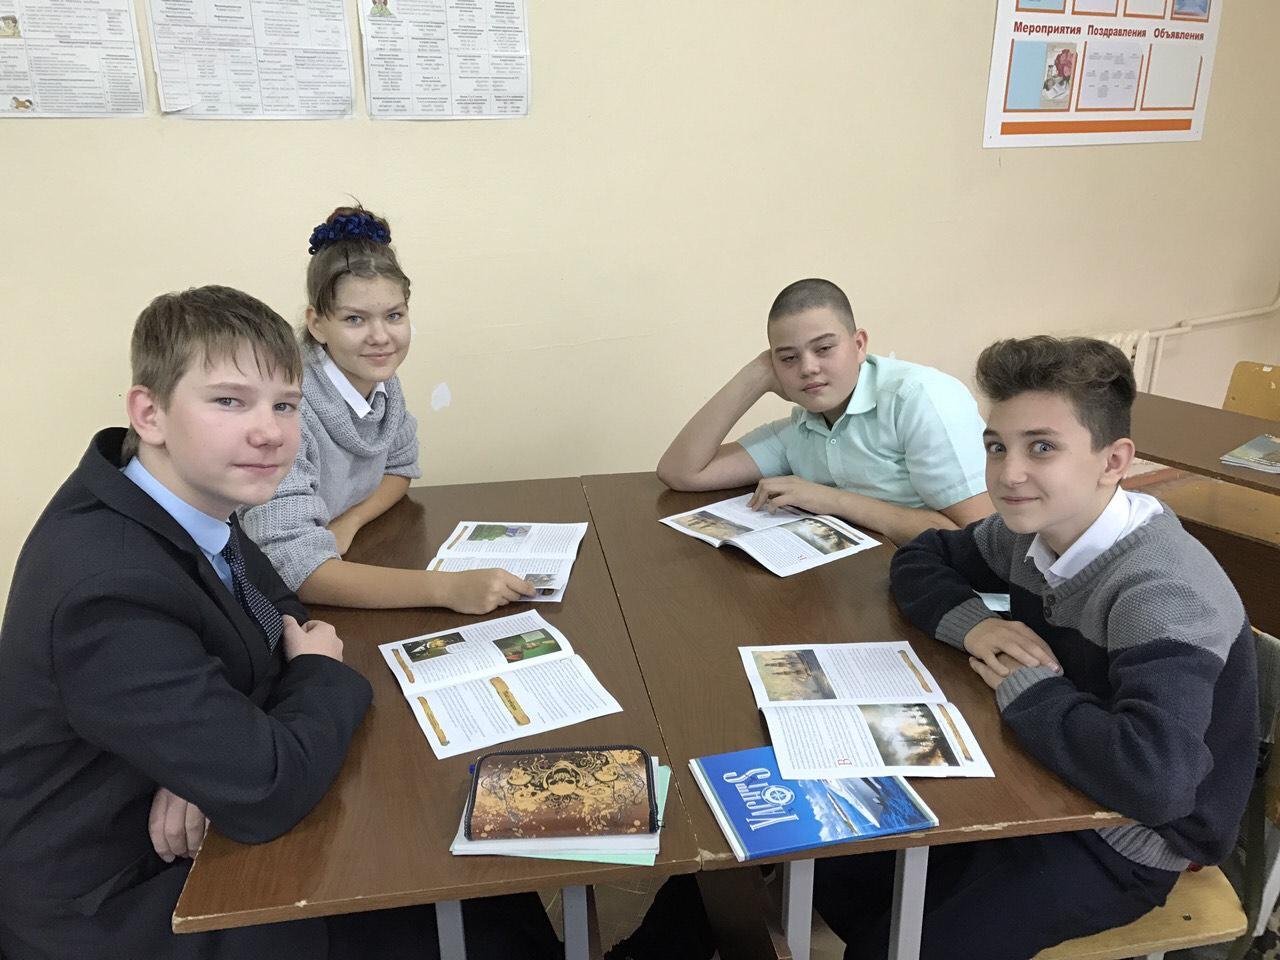 ОТЧЕТ о проведении открытого занятия по программе «Праздничная культура»